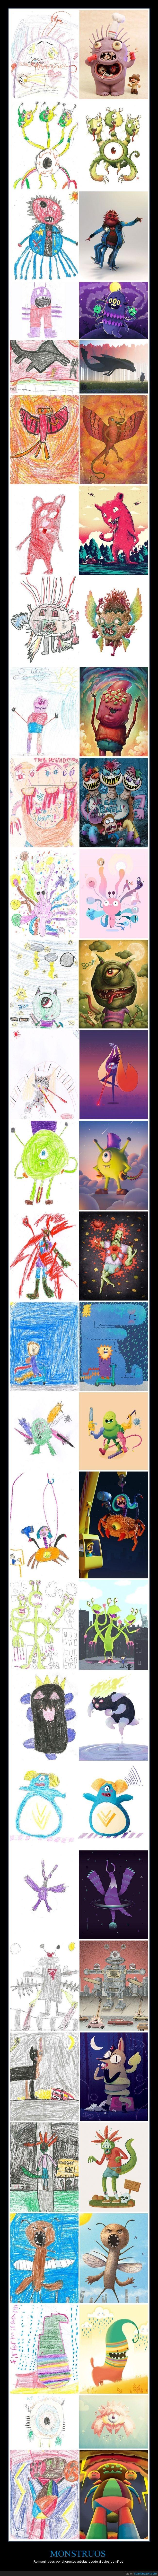 arte,artista,dibujo,monstruo,niño